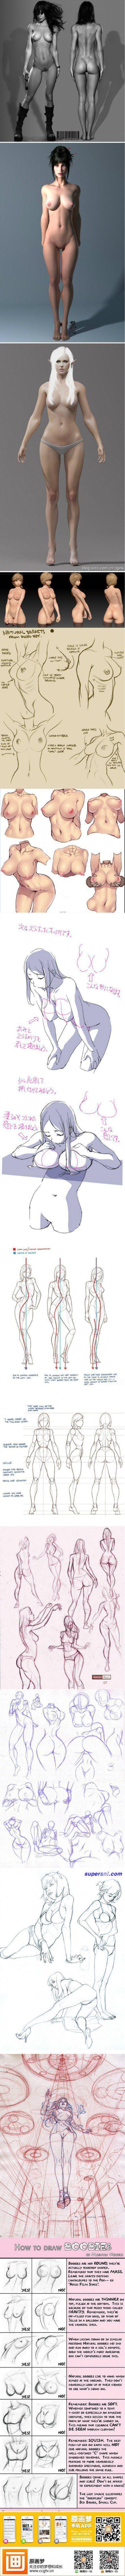 Body anatomy. How to draw female body.: | Anatomia | Pinterest ...